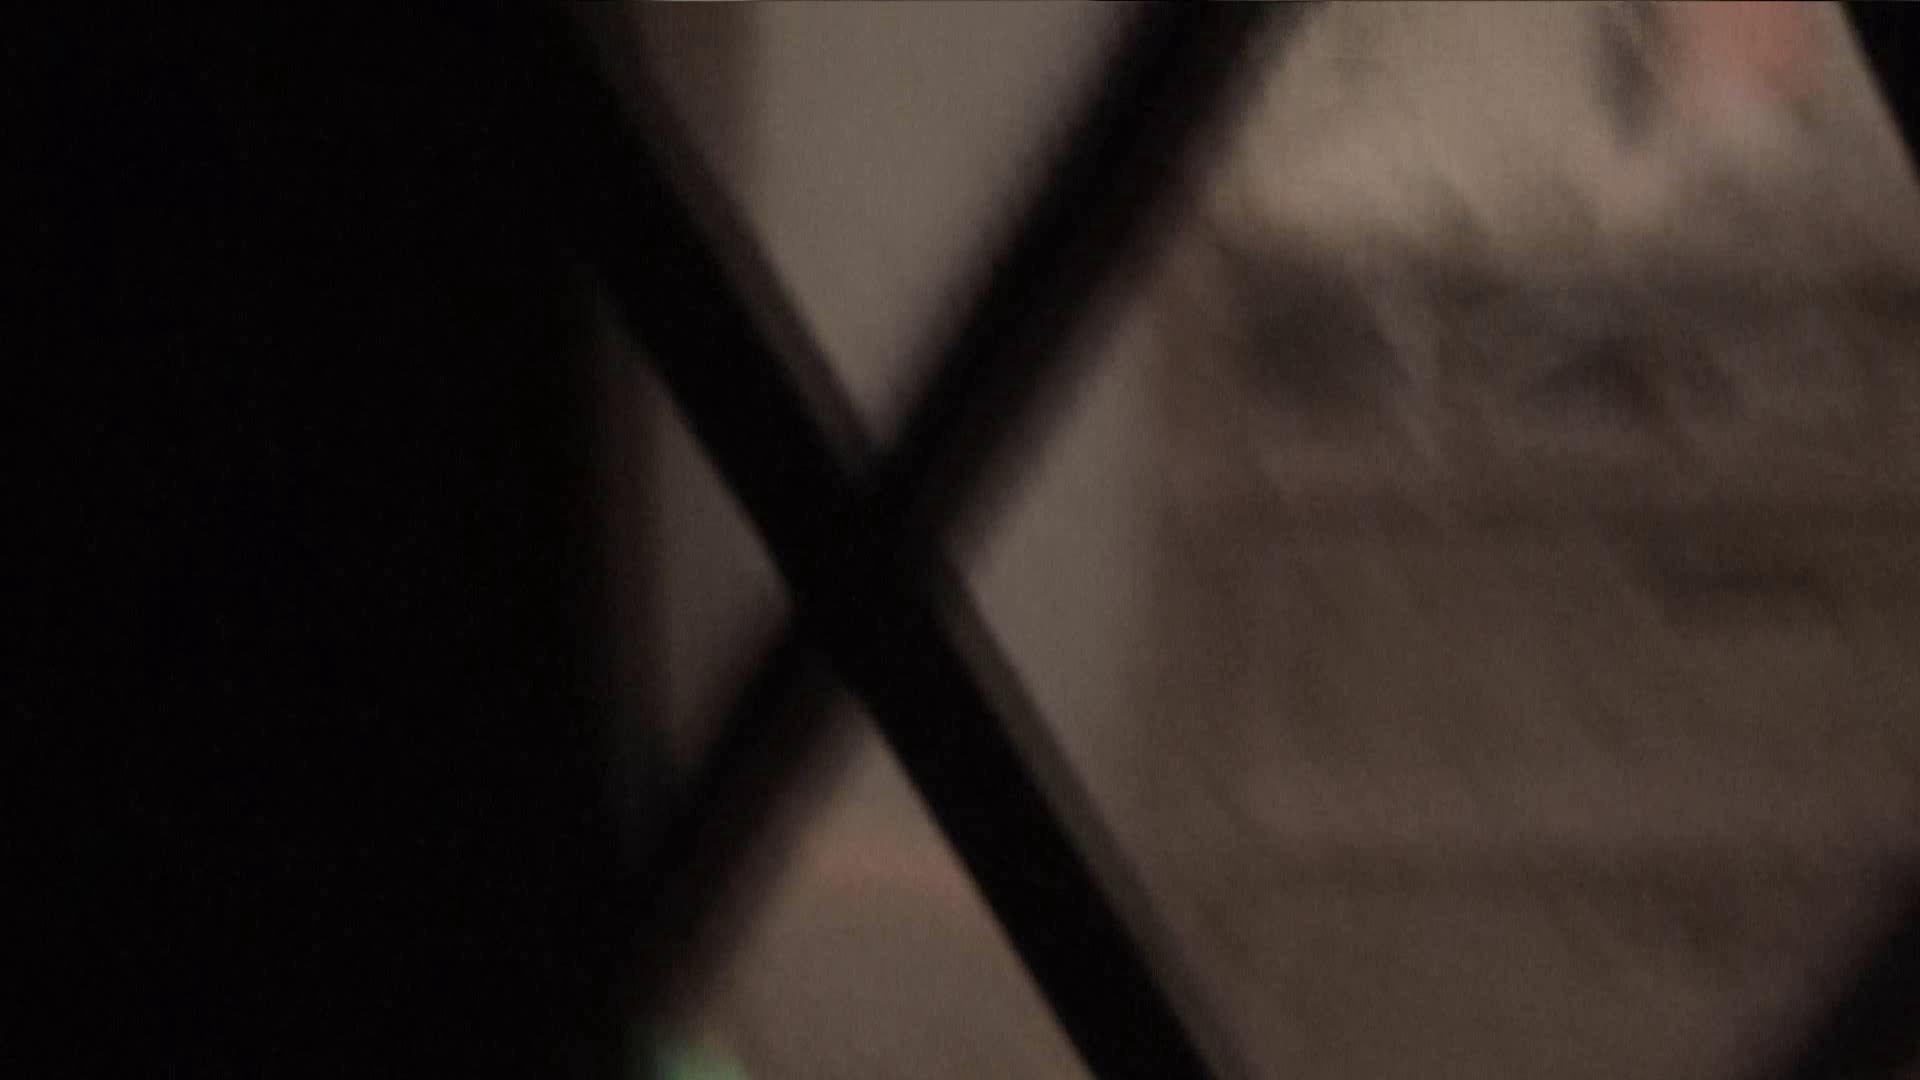 民家の騎士さんの最後の性戦ハイビジョン!!No.52 民家エロ投稿 | おっぱい  94画像 91